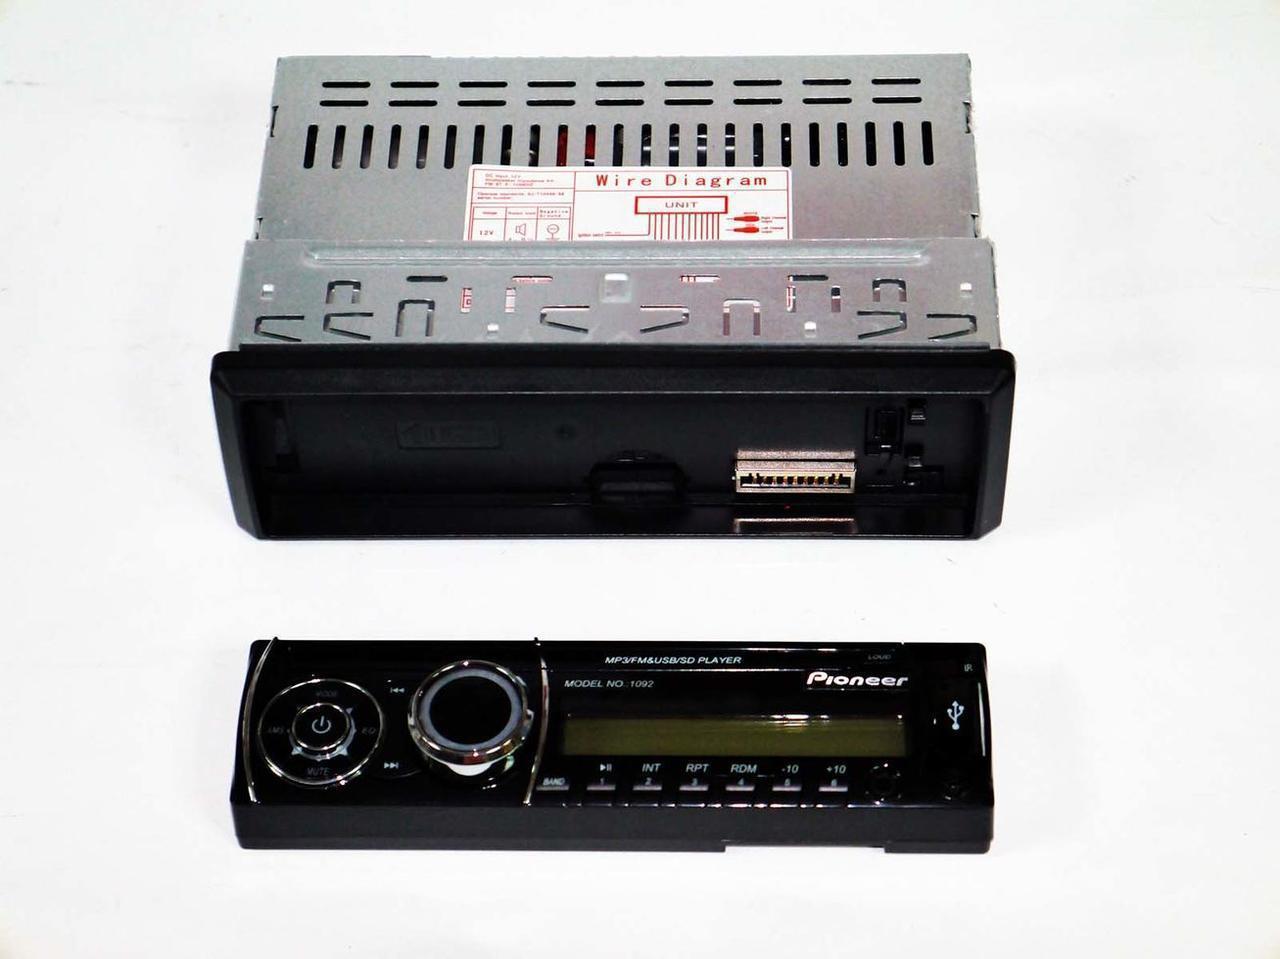 Магнитола Pioneer 1092 Съёмная панель, Магнитола автомобильная, Магнитола в машину НЕДОРОГО